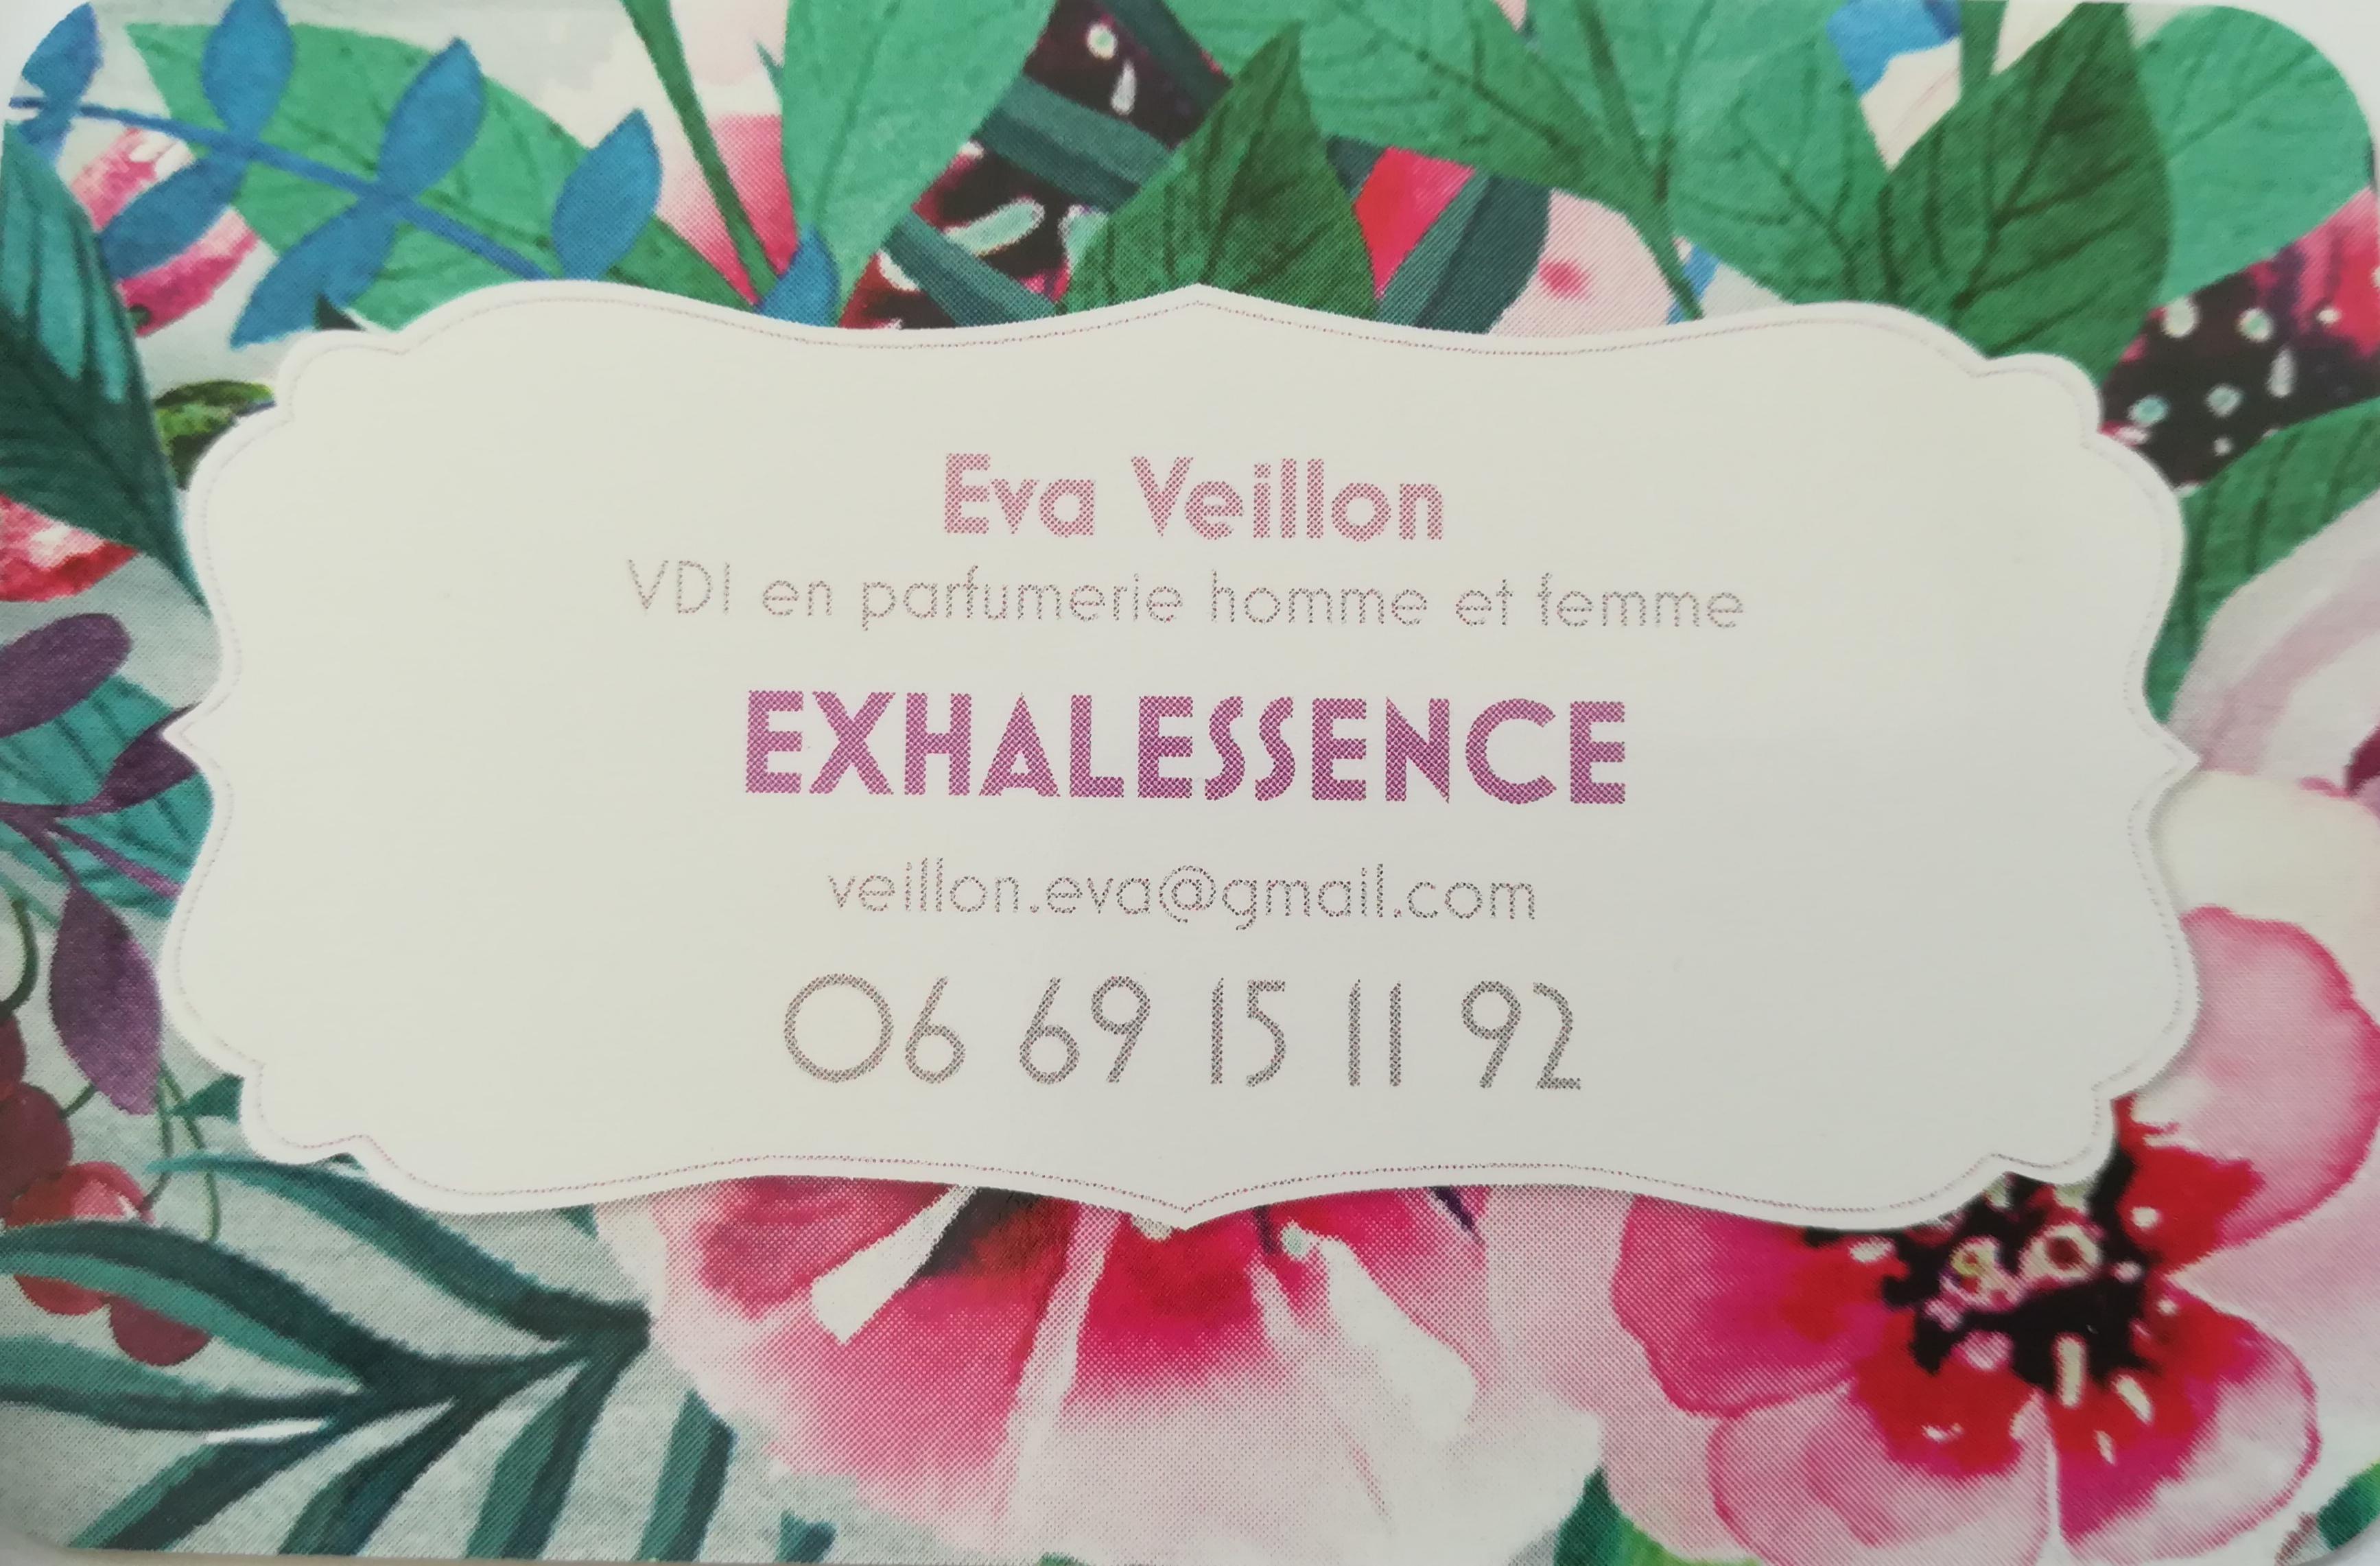 exhalessence